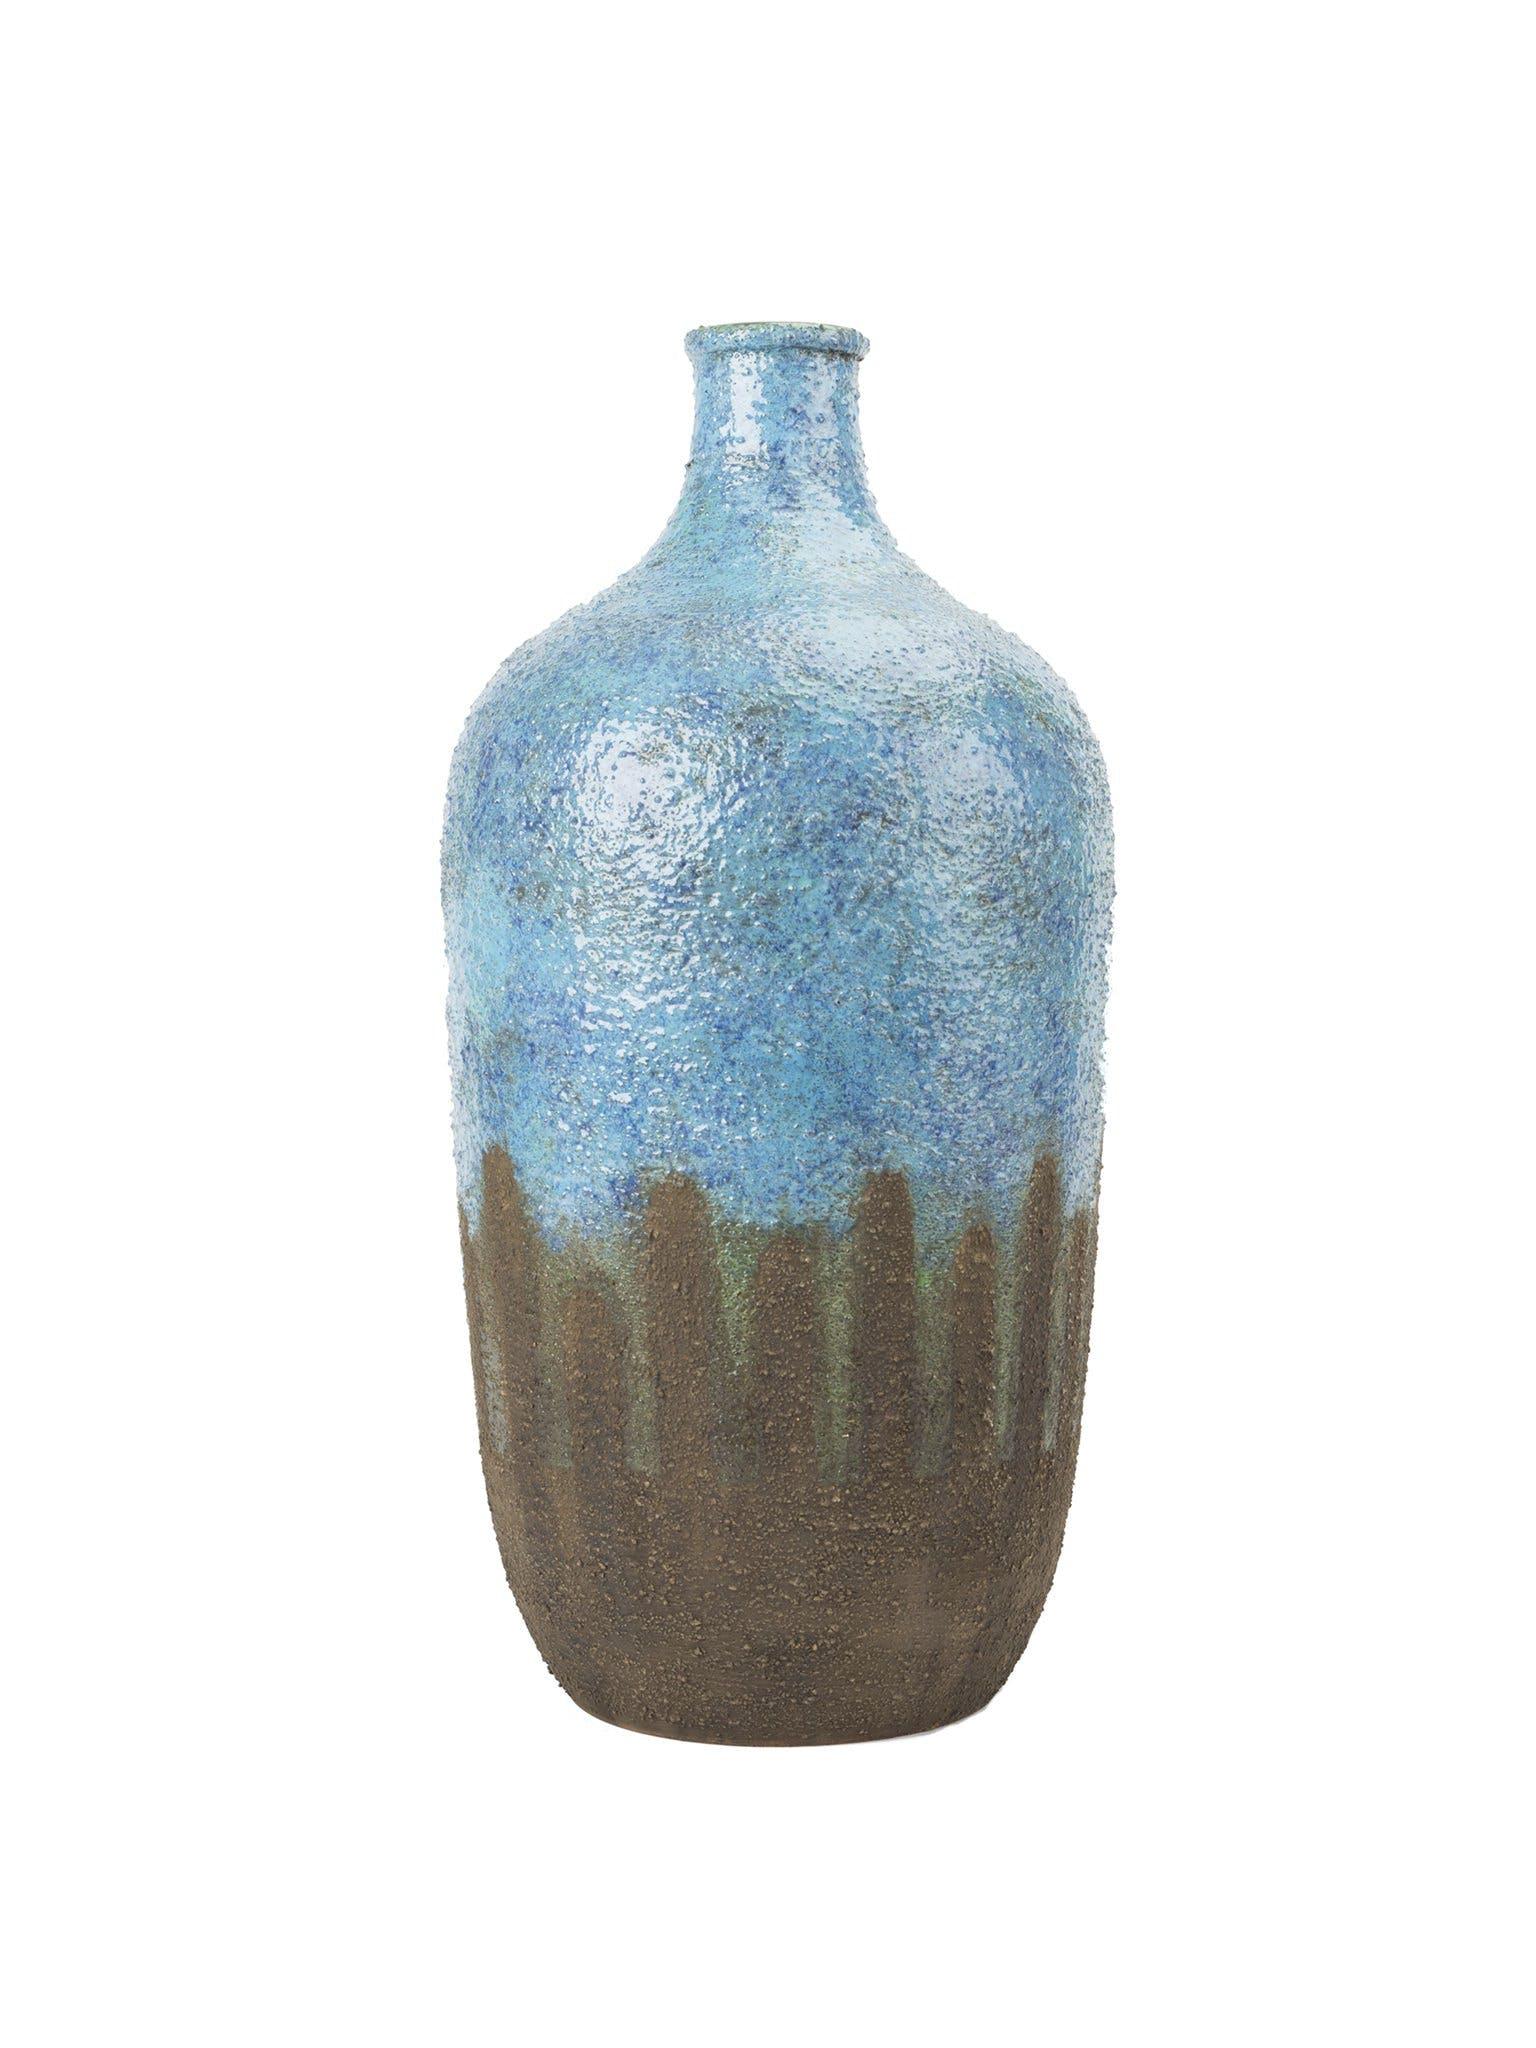 bitossi-ceramiche-article-05